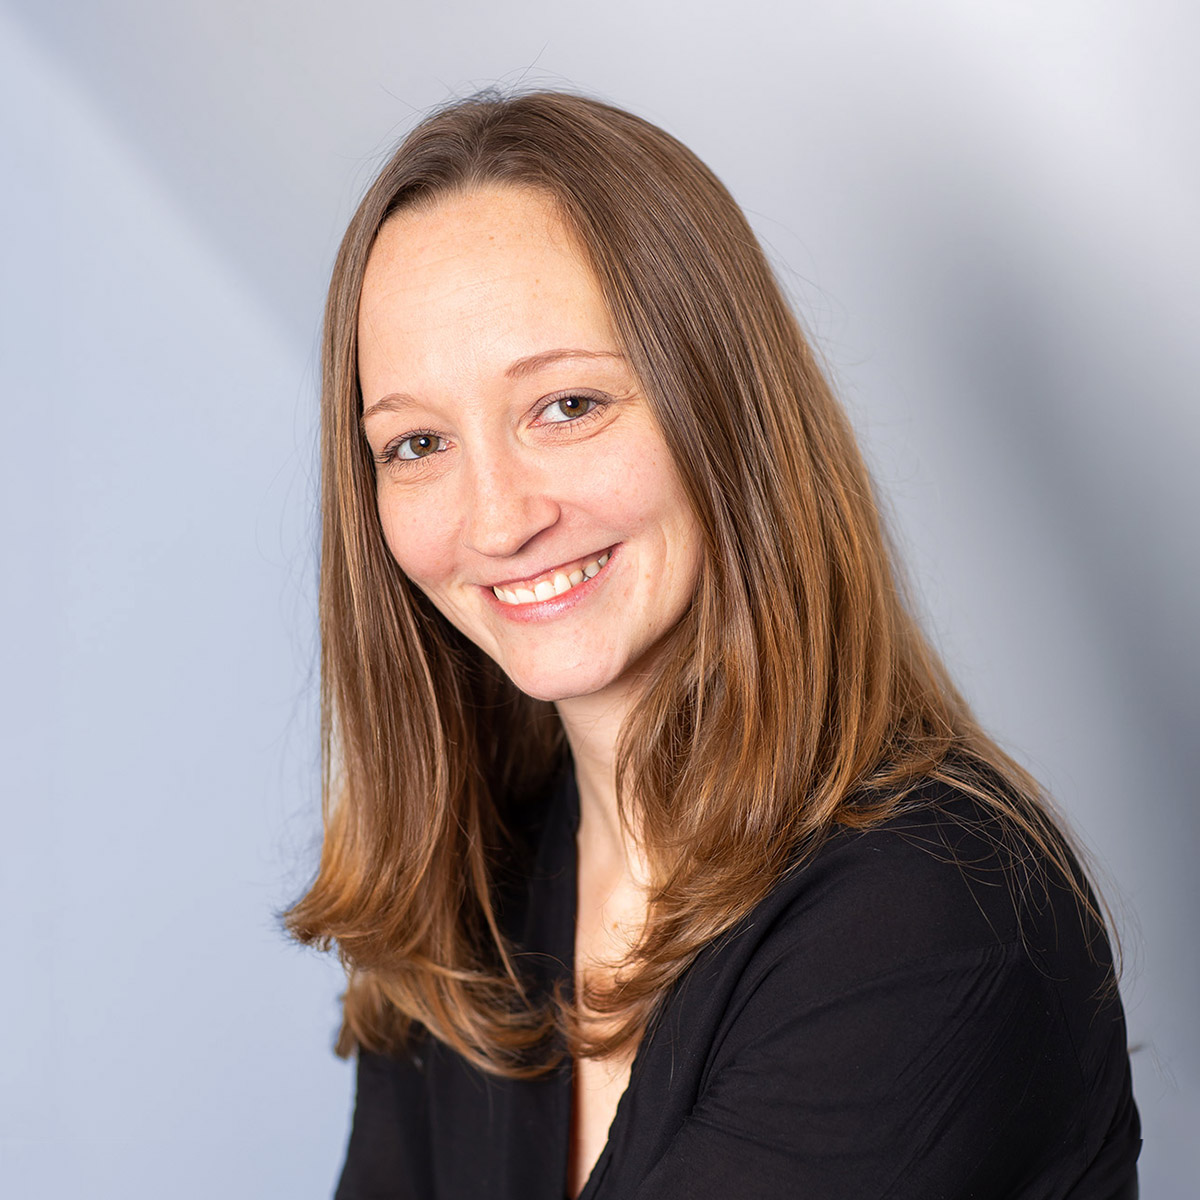 Annette Schubert